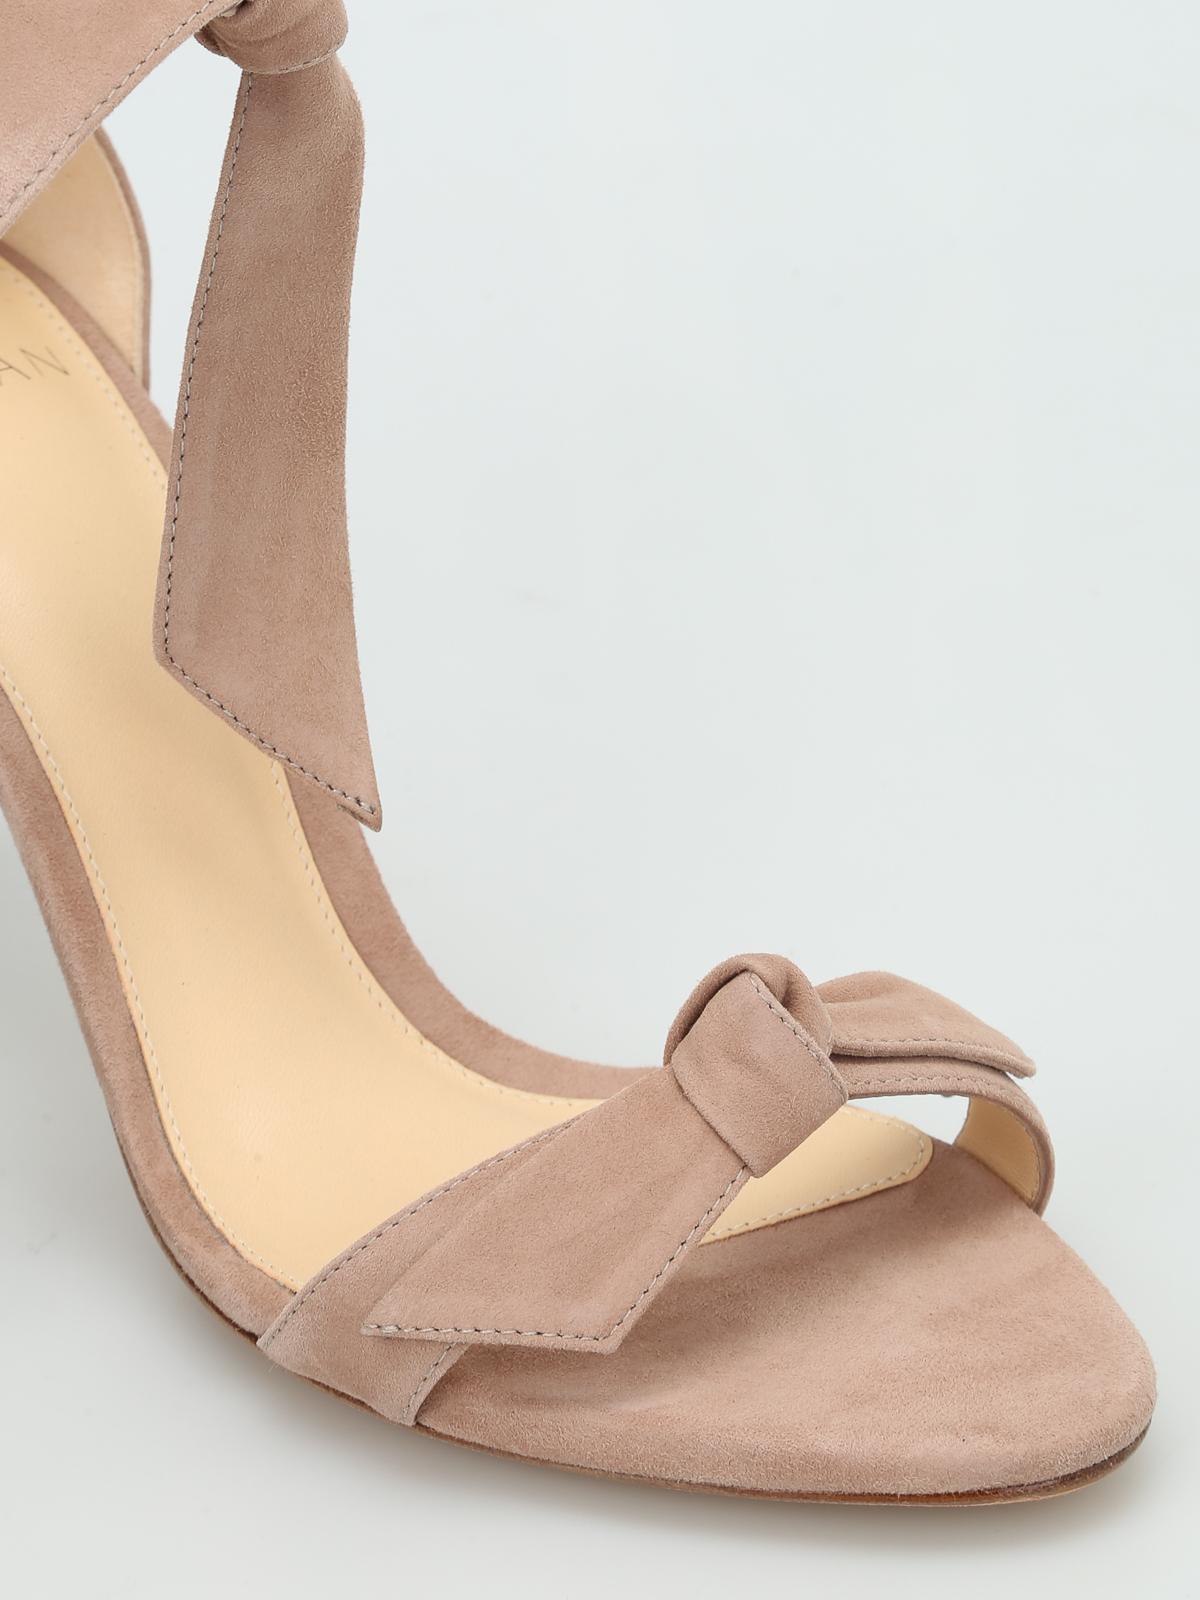 a26369a618c Alexandre Birman - Clarita suede sandals - sandals - B3 5084 0001S CAMEO